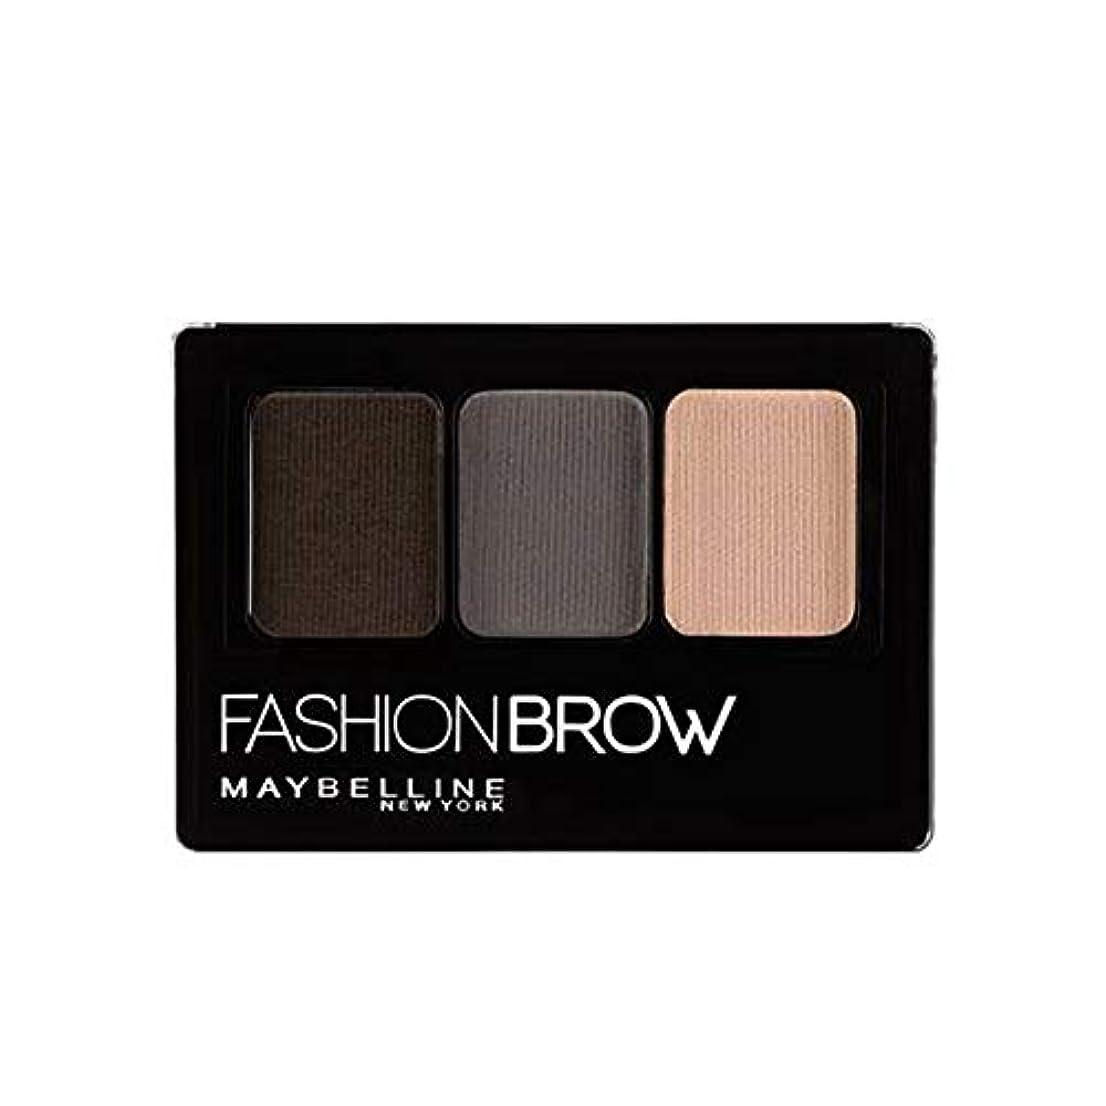 アクチュエータ気味の悪い療法メイベリン ファッションブロウ パレット BR-1 自然な濃茶色